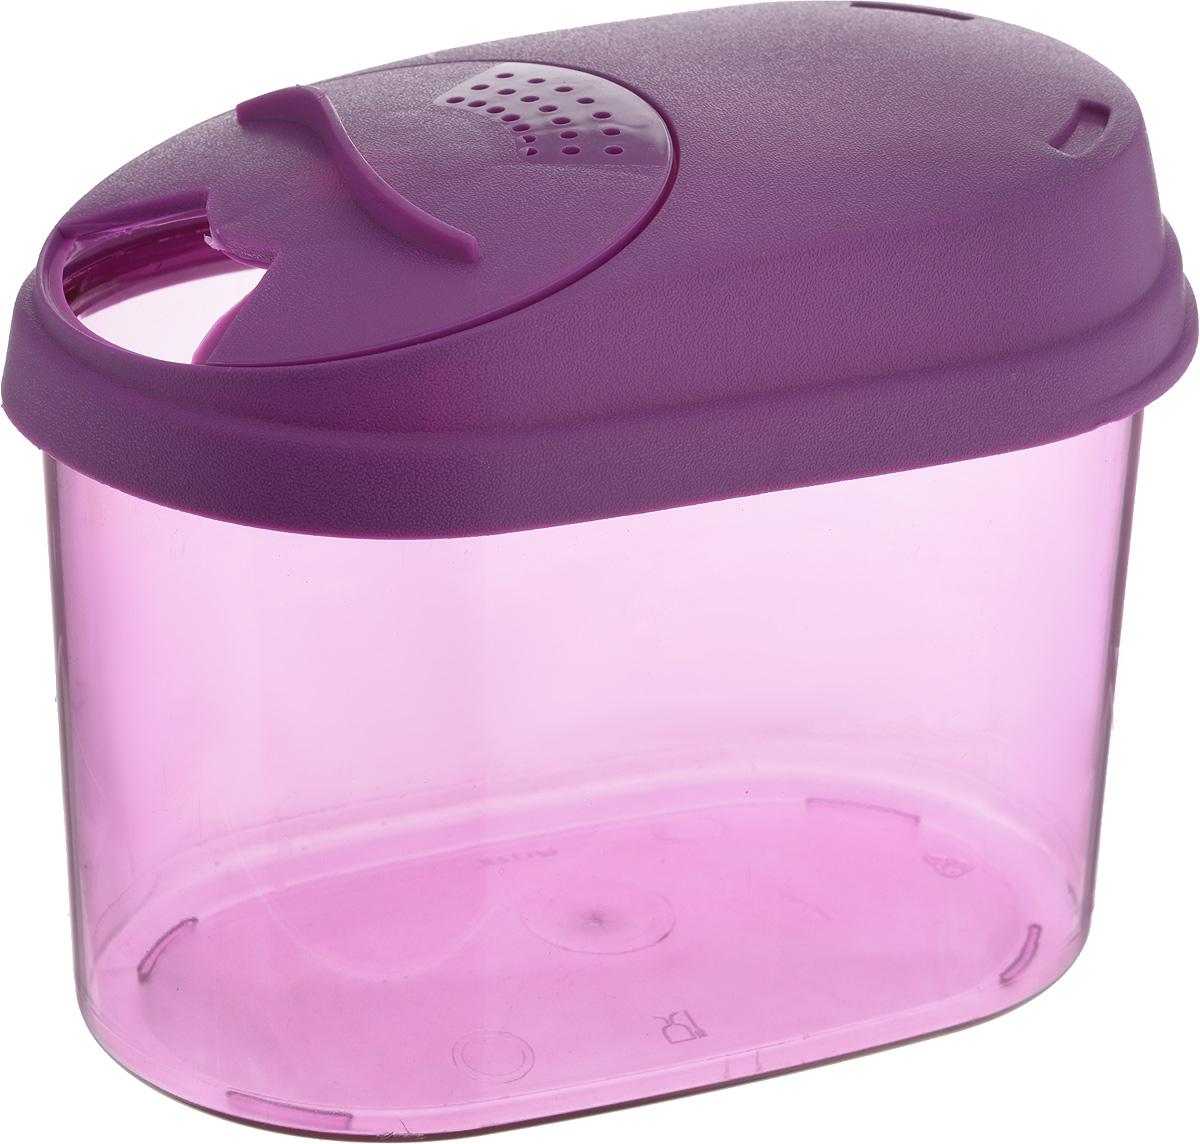 Банка для сыпучих продуктов Giaretti, с дозатором, цвет: фиолетовый, 0,8 лJ2255Банка для сыпучих продуктов Giaretti выполнена из высококачественного пластика. Банка предназначена для хранения круп, сахара, макаронных изделий и в том числе для продуктов с ярким ароматом (специи и прочее). Плотно прилегающая крышка не пропускает запахи содержимого в шкаф для хранения, при этом продукт не теряет своего аромата. Двойной дозатор предназначен для мелких и крупных сыпучих продуктов. Банки легко устанавливаются одна на другую. Можно мыть в посудомоечной машине. Объем: 0,8 л.Размер (по верхнему краю): 14,5 x 8,5 см.Высота (с учетом крышки): 11 см.